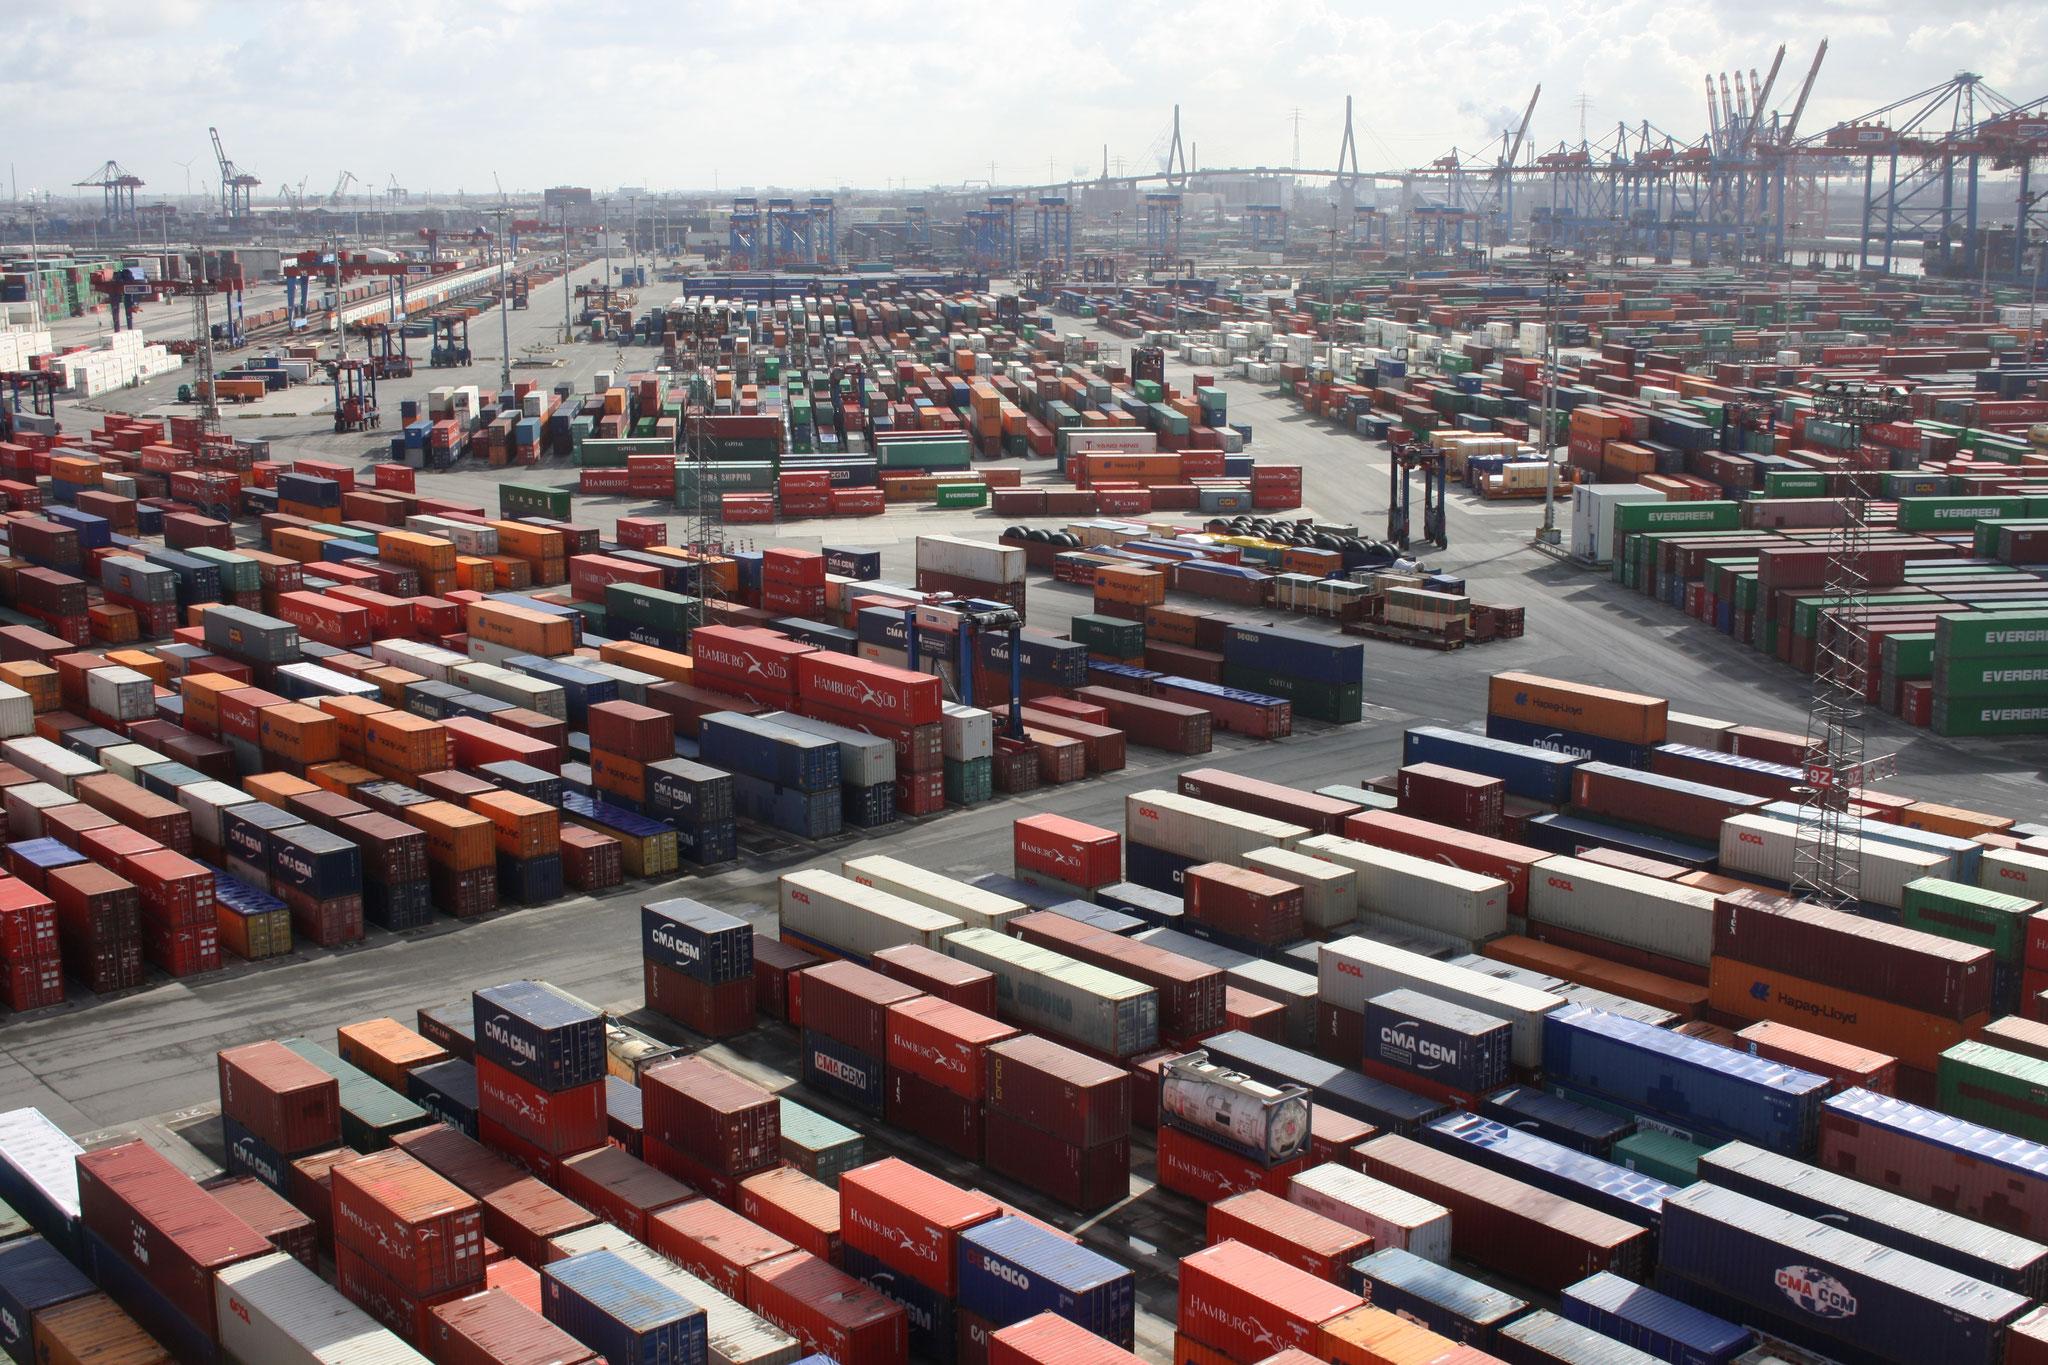 Burchardkai, Hamburger Hafen, für Spiegel Online